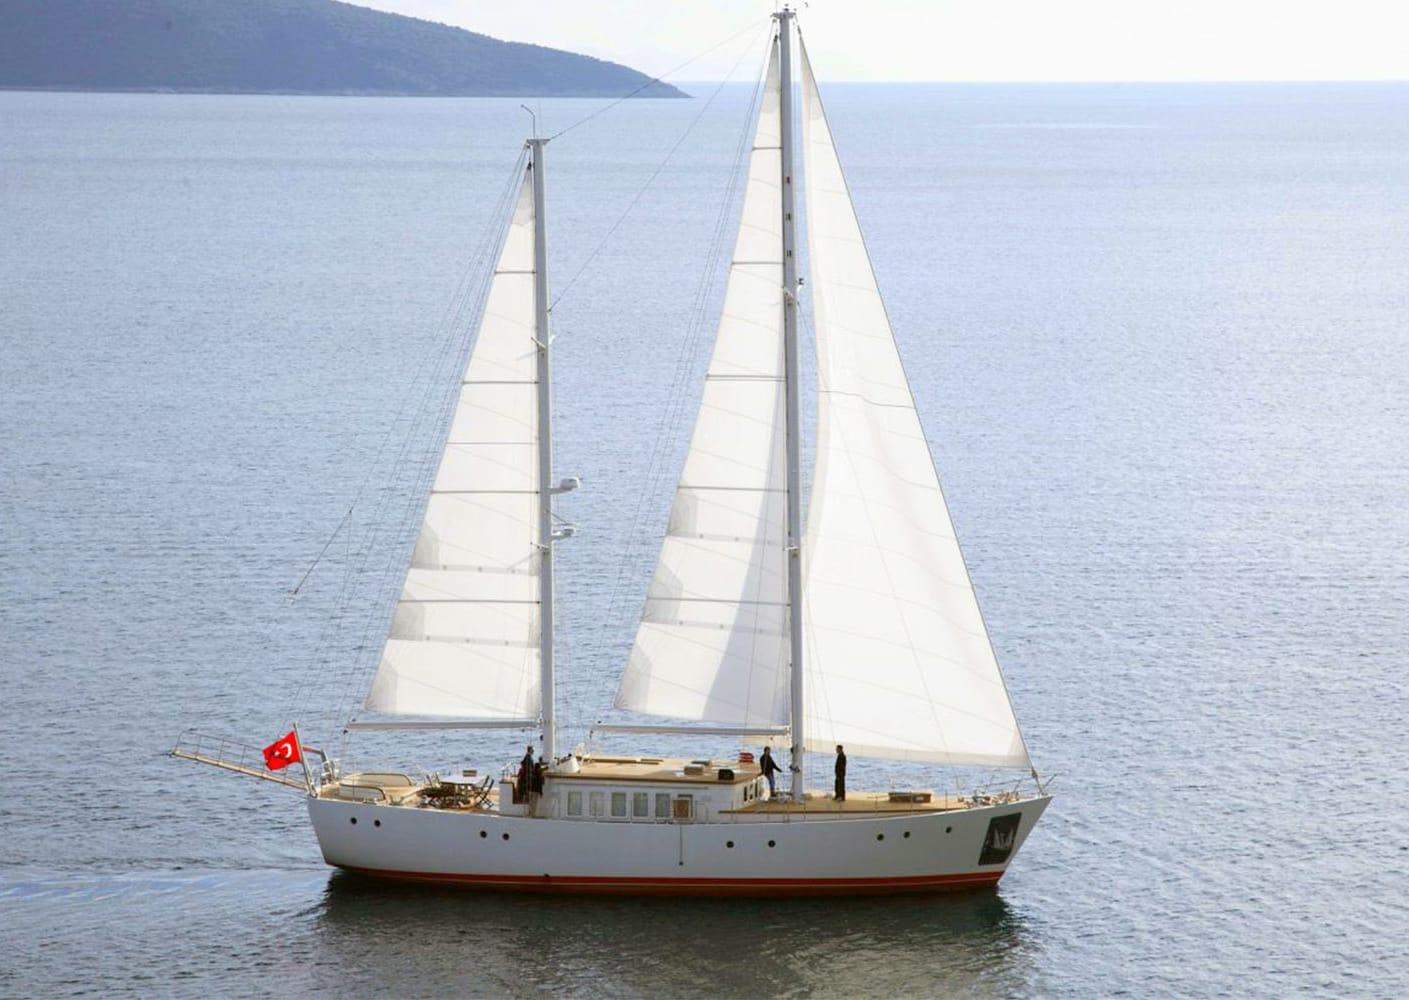 Image of Thuraya 24.0M (78.7FT) sailing yacht